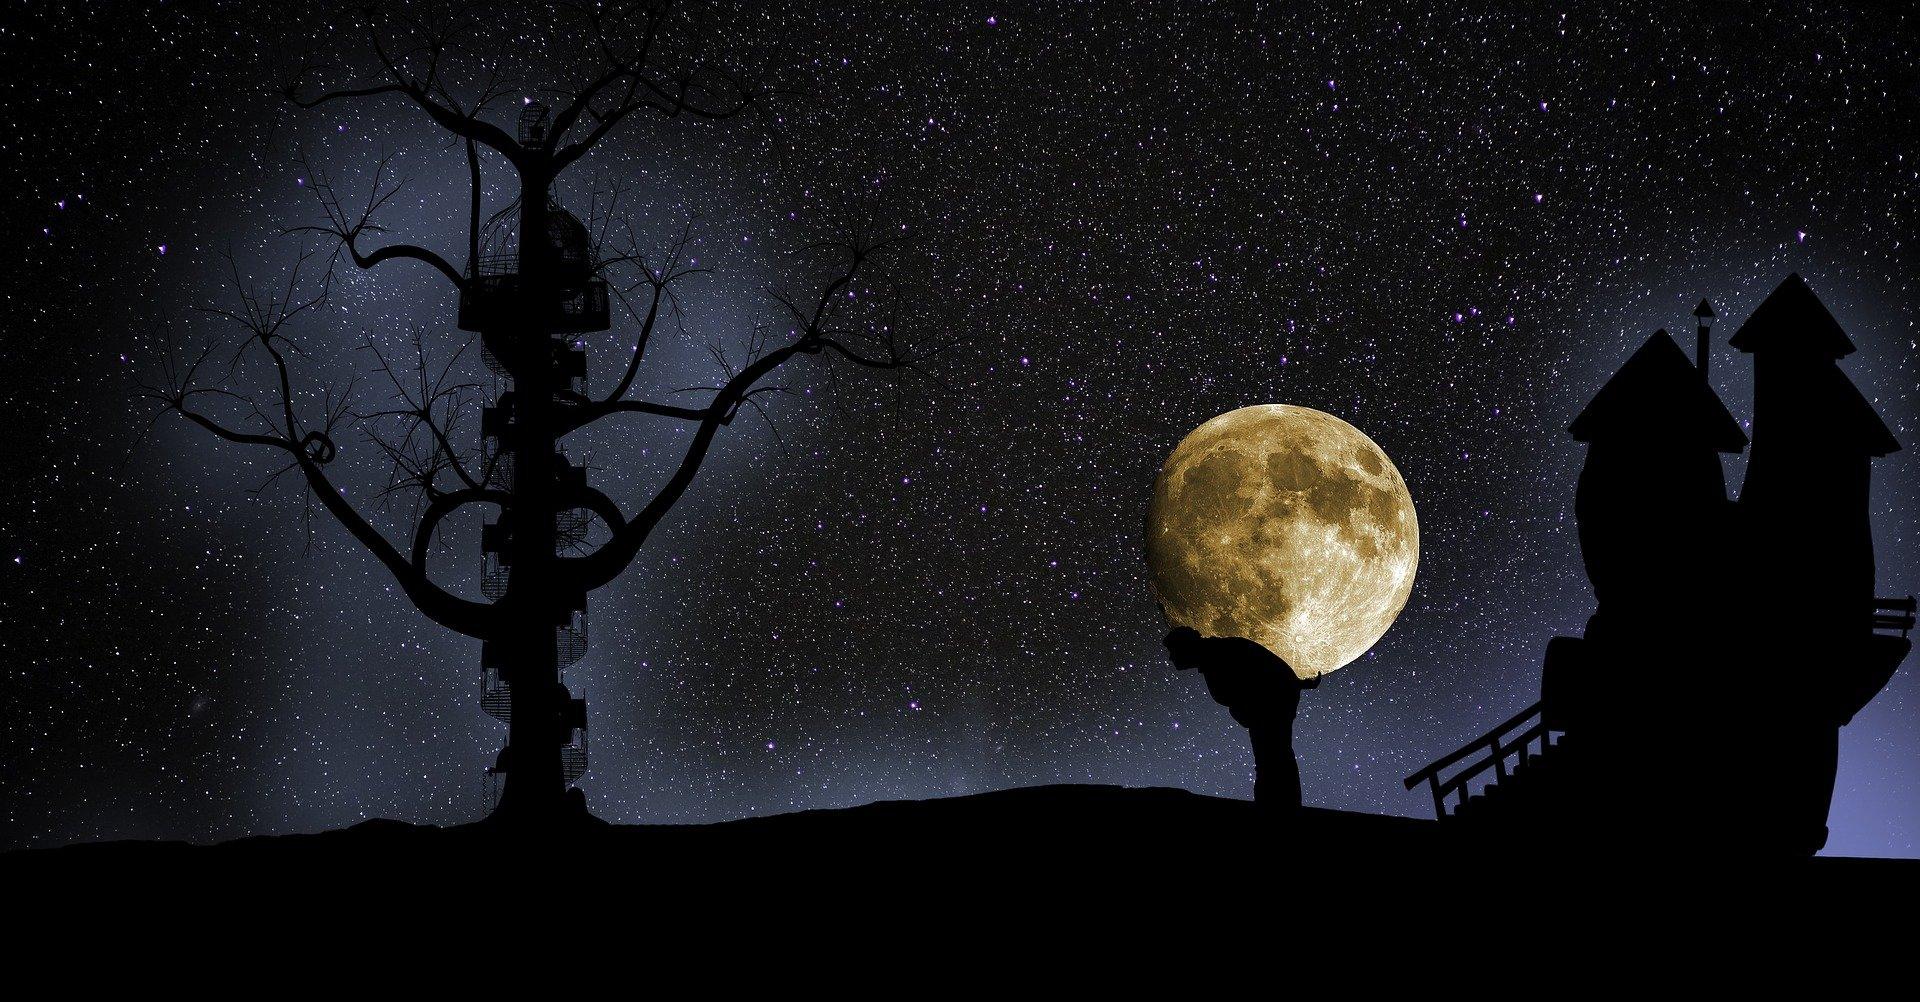 un uomo in ombra che sorregge sulla schiena la luna